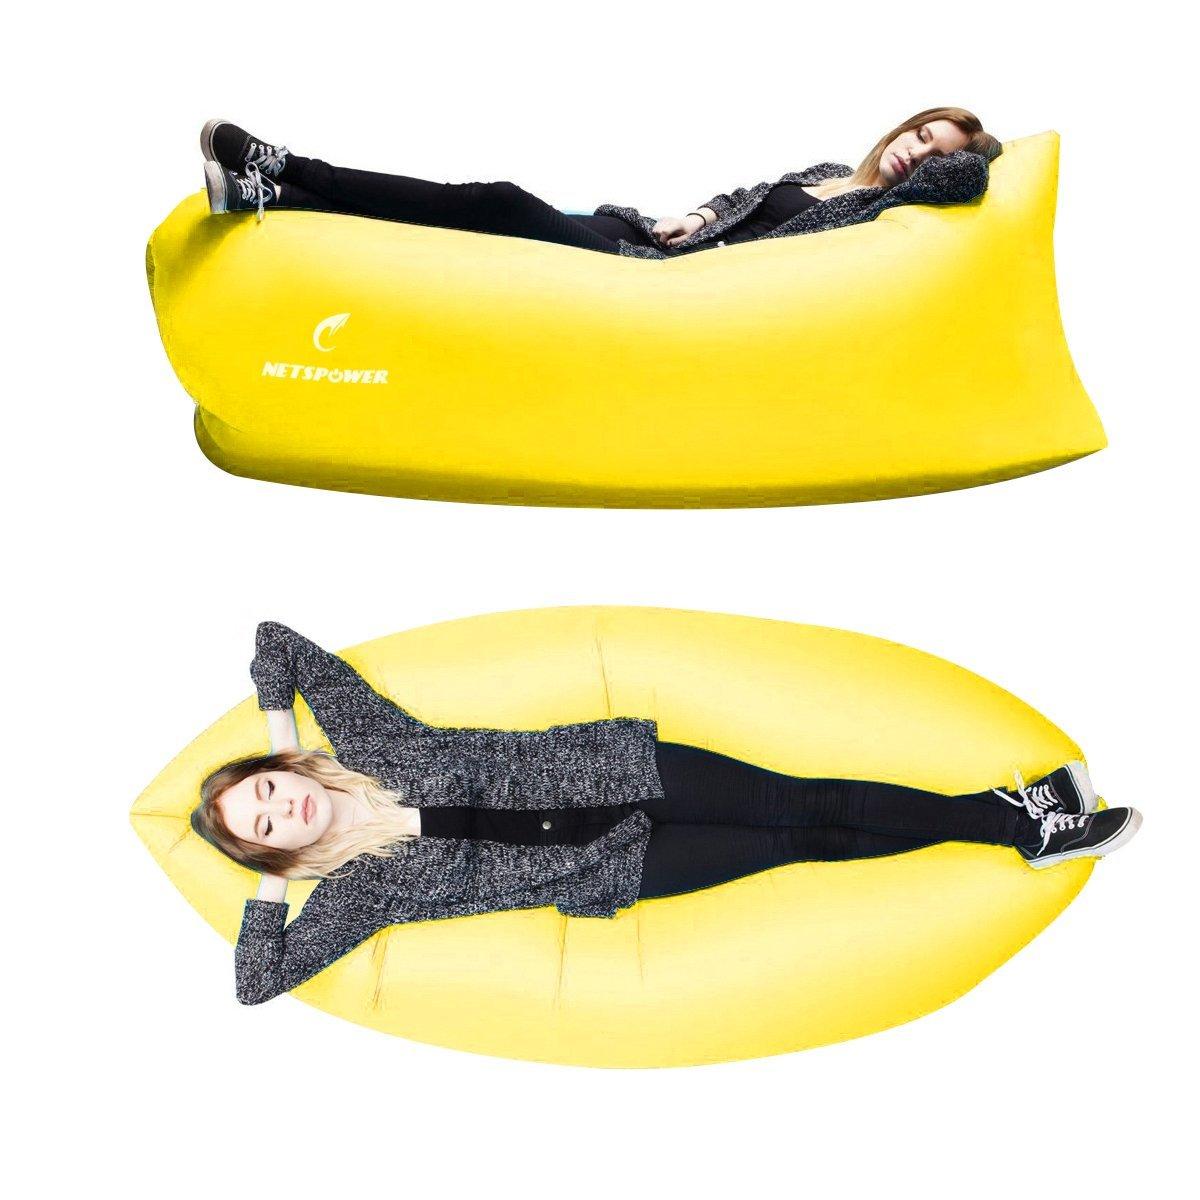 Playa tumbona, fourling Tartan Nylon Plástico hinchable Sacos de dormir para exterior e interior práctico Air inflables Camas Compresión Air Bag ...